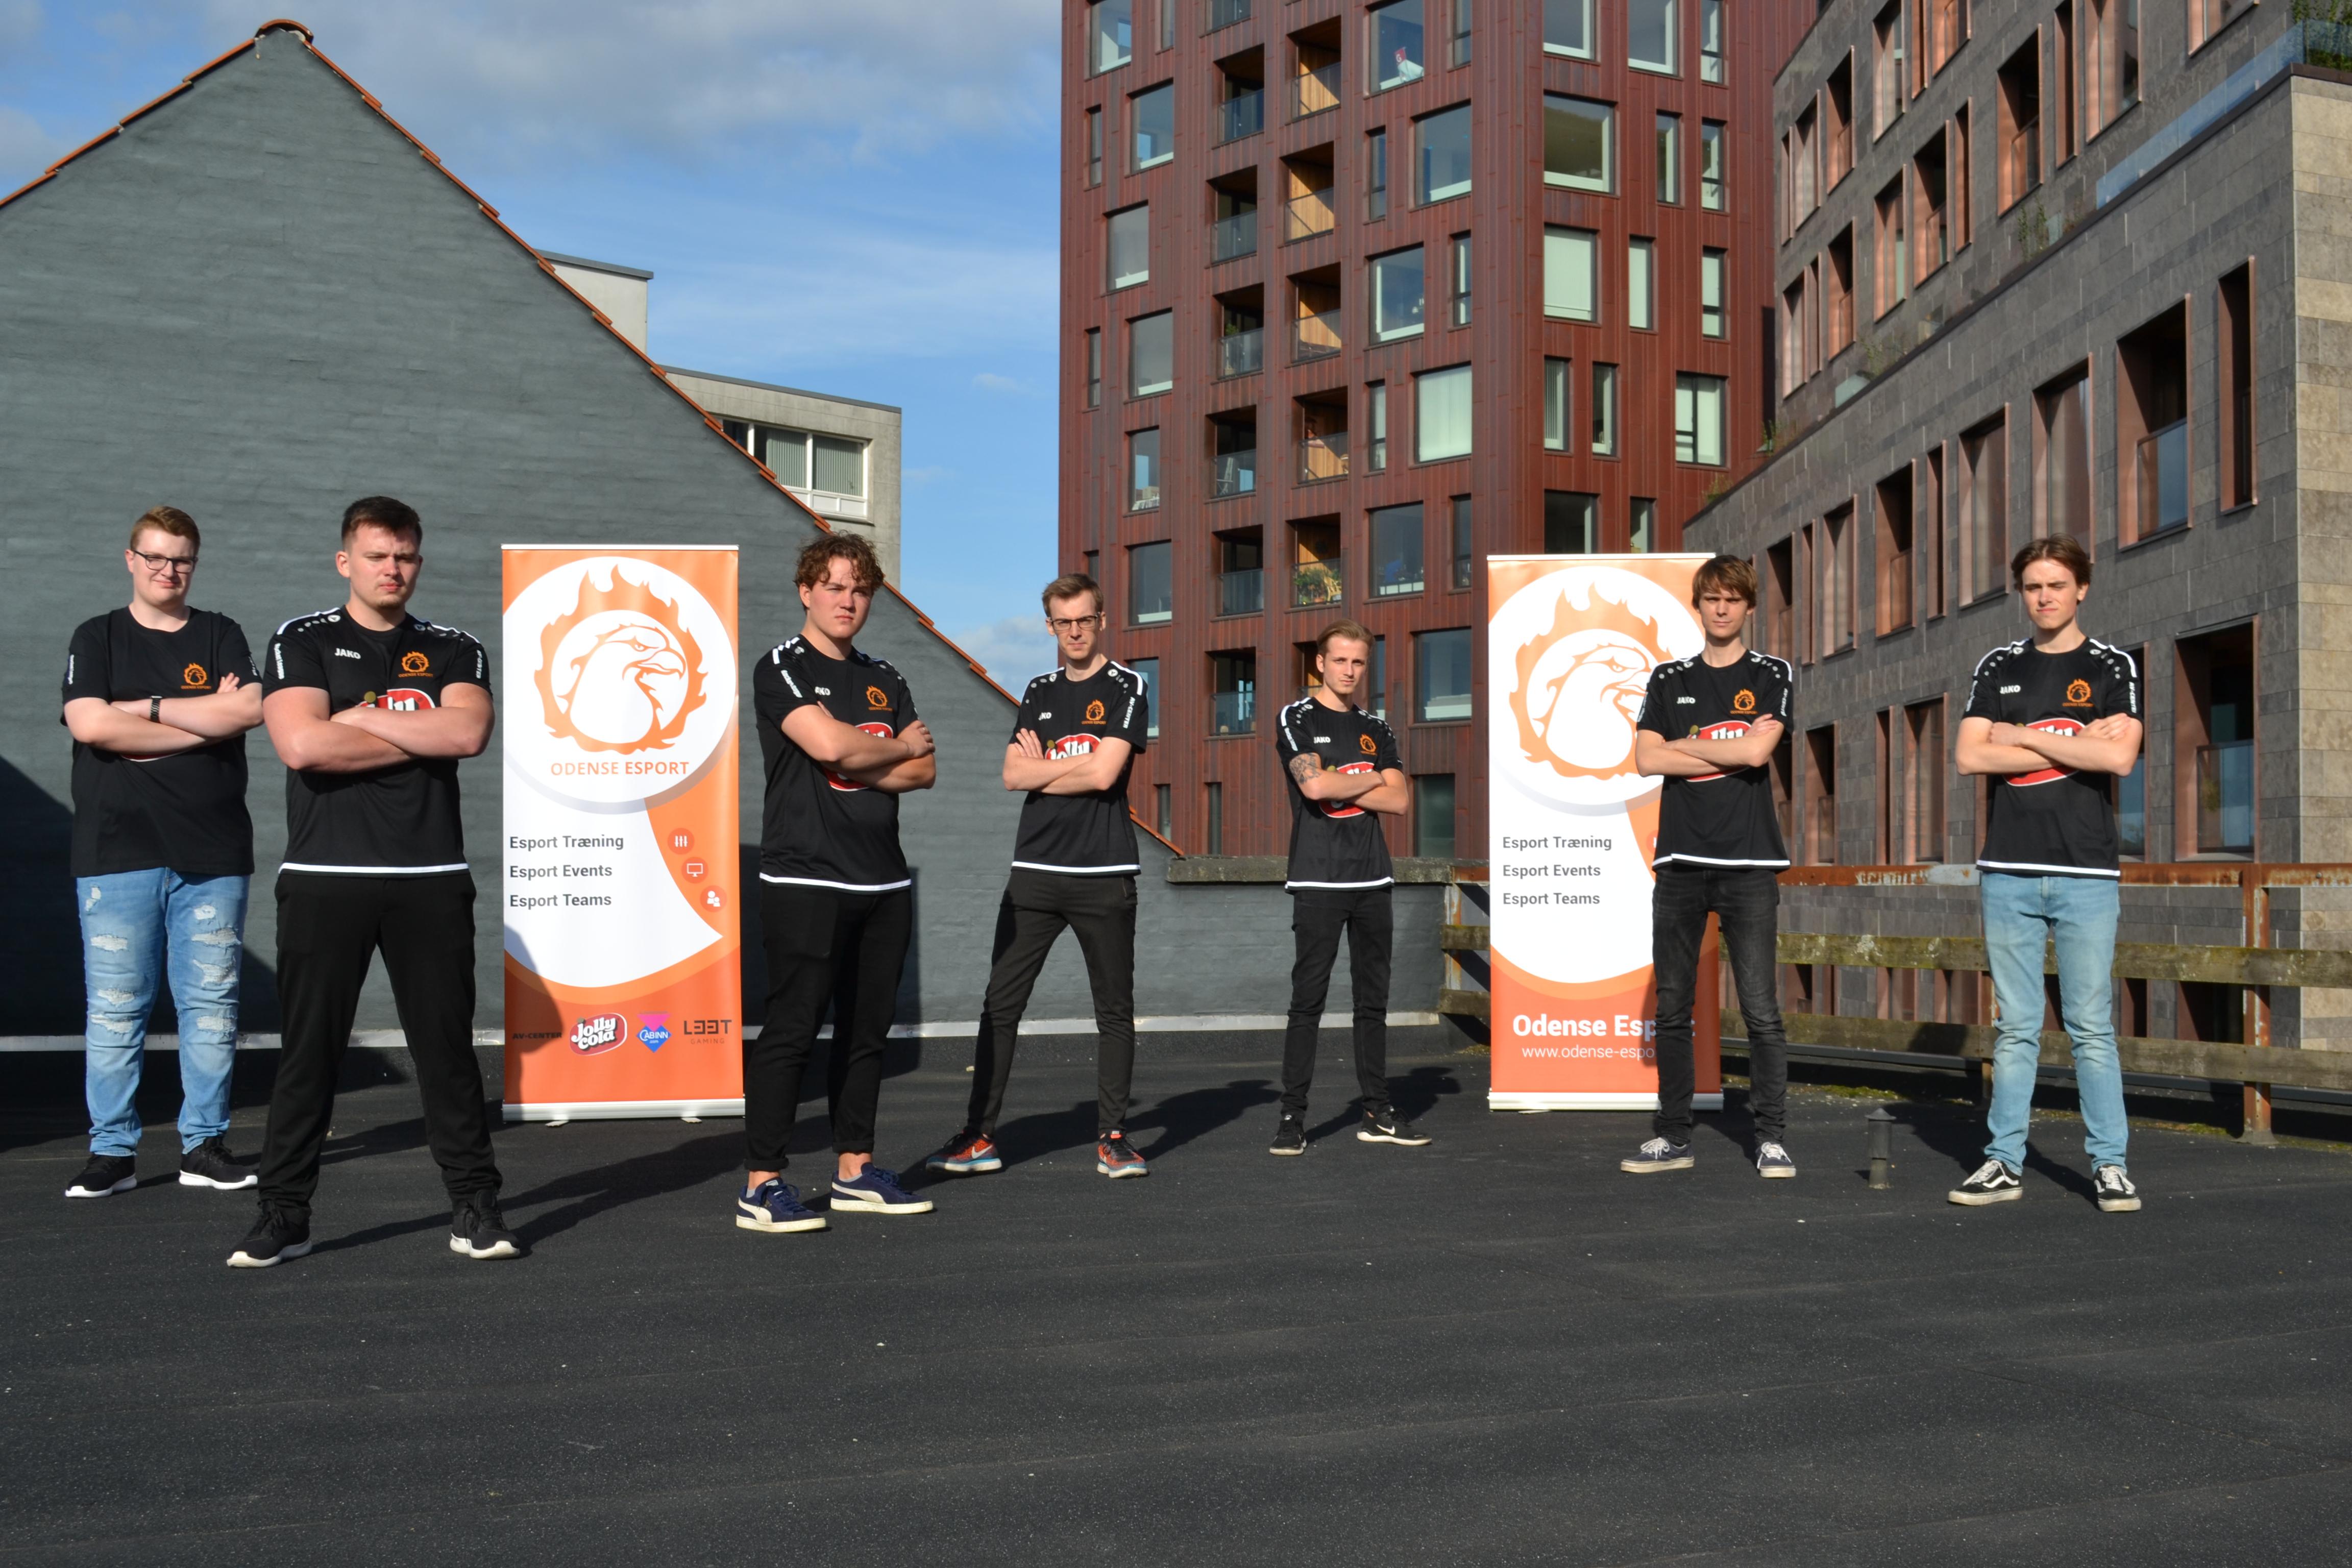 Odense Esport præsenterer Rocket League teams